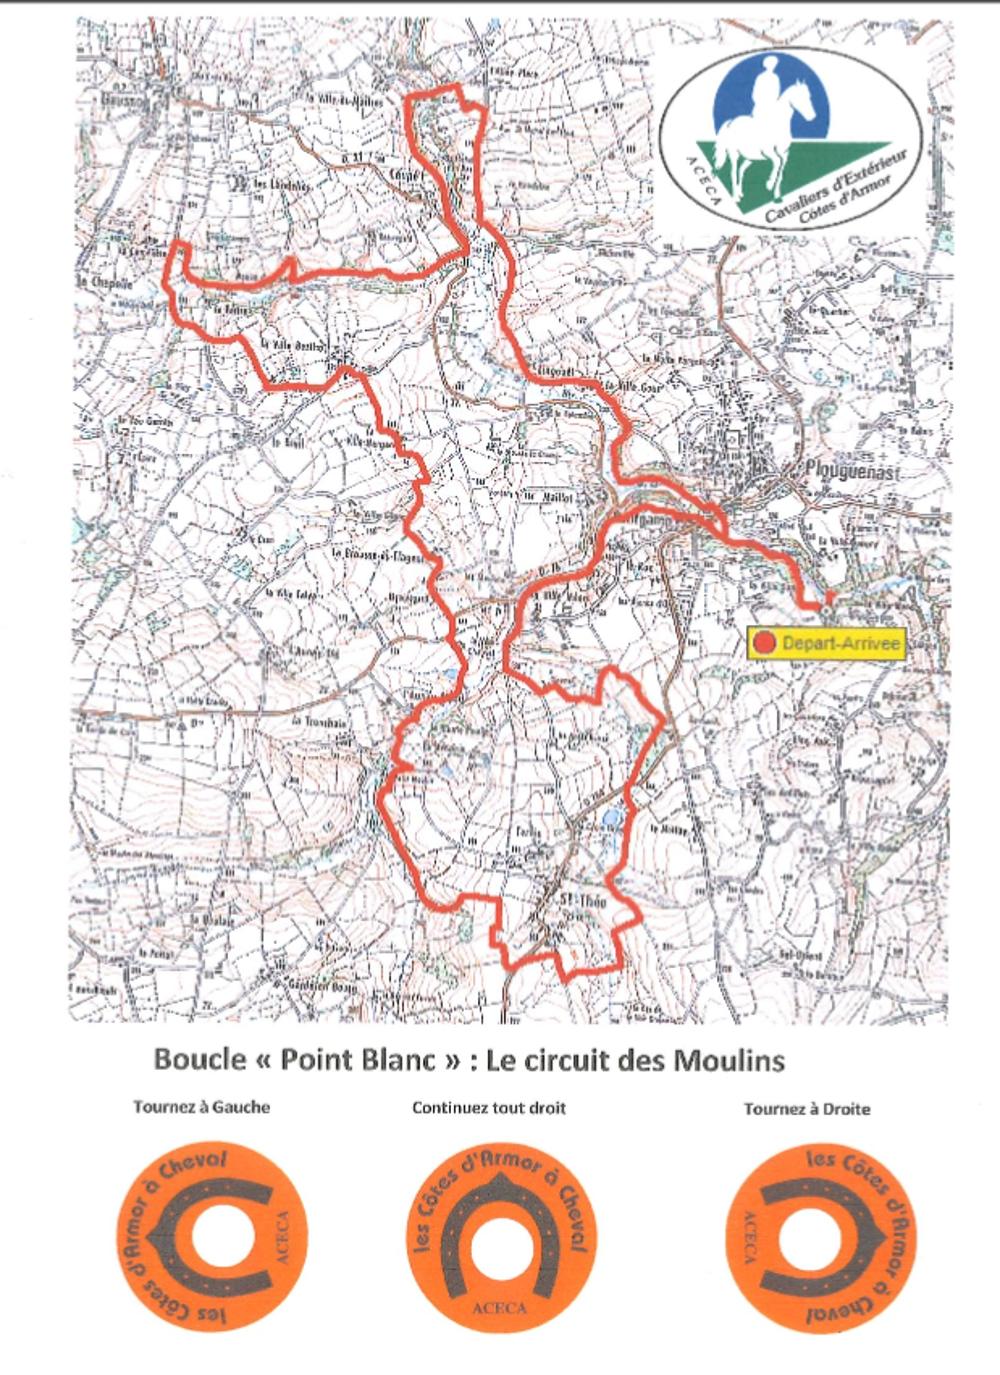 Randonnée équestre : circuit des Moulins (25 km) 0